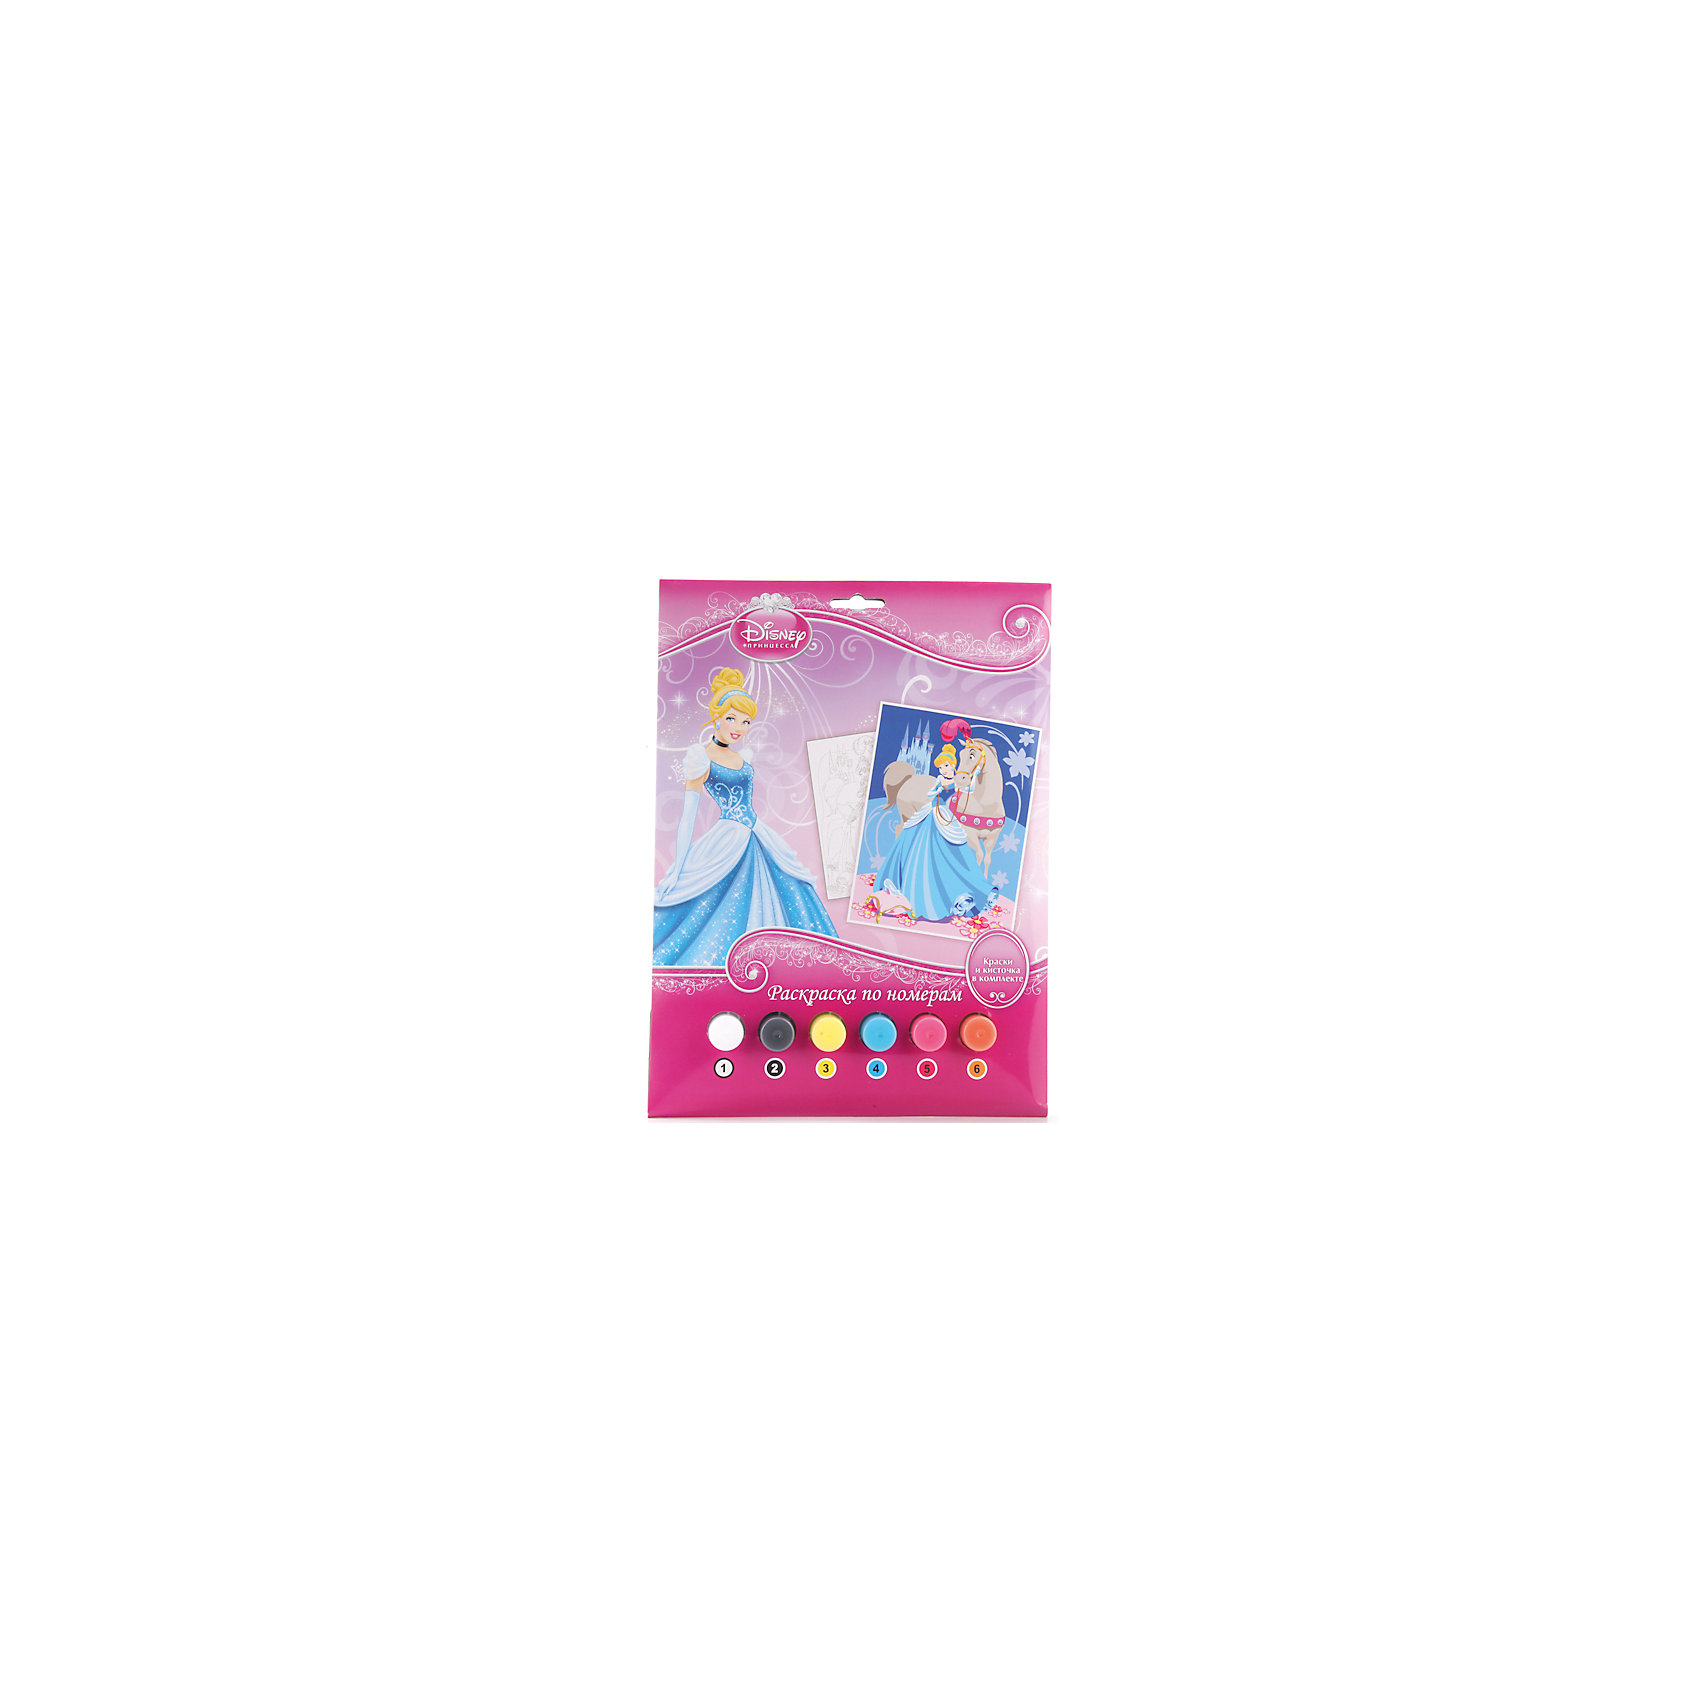 Раскраска по номерам Принцессы, Принцессы ДиснейПринцессы Дисней<br>Раскраска по номерам Принцессы, Disney Princess (Принцессы Диснея) представляет собой набор для детского творчества, созданный специально для начинающих художниц. Все краски пронумерованы, также как и черно-белая контурная картинка, изображающая знаменитую диснеевскую принцессу. Благодаря данному комплекту, ребенок легко и непринужденно сможет научиться рисовать кистью и красками, а также смешивать цвета. <br><br>Комплект: раскраска, краски 6 цветов, кисточка<br><br>Дополнительная информация:<br>-Серия: Принцессы Диснея<br>-Вес в упаковке: 160 г<br>-Размеры в упаковке: 220х300х20 мм<br>-Материалы: бумага, краски, пластмасса<br><br>Занятие с набором поможет развить в ребенке художественные способности и подарит ему море положительных эмоций!<br><br>Раскраска по номерам Принцессы, Disney Princess (Принцессы Диснея) можно купить в нашем магазине.<br><br>Ширина мм: 220<br>Глубина мм: 300<br>Высота мм: 20<br>Вес г: 160<br>Возраст от месяцев: 60<br>Возраст до месяцев: 108<br>Пол: Женский<br>Возраст: Детский<br>SKU: 4079285